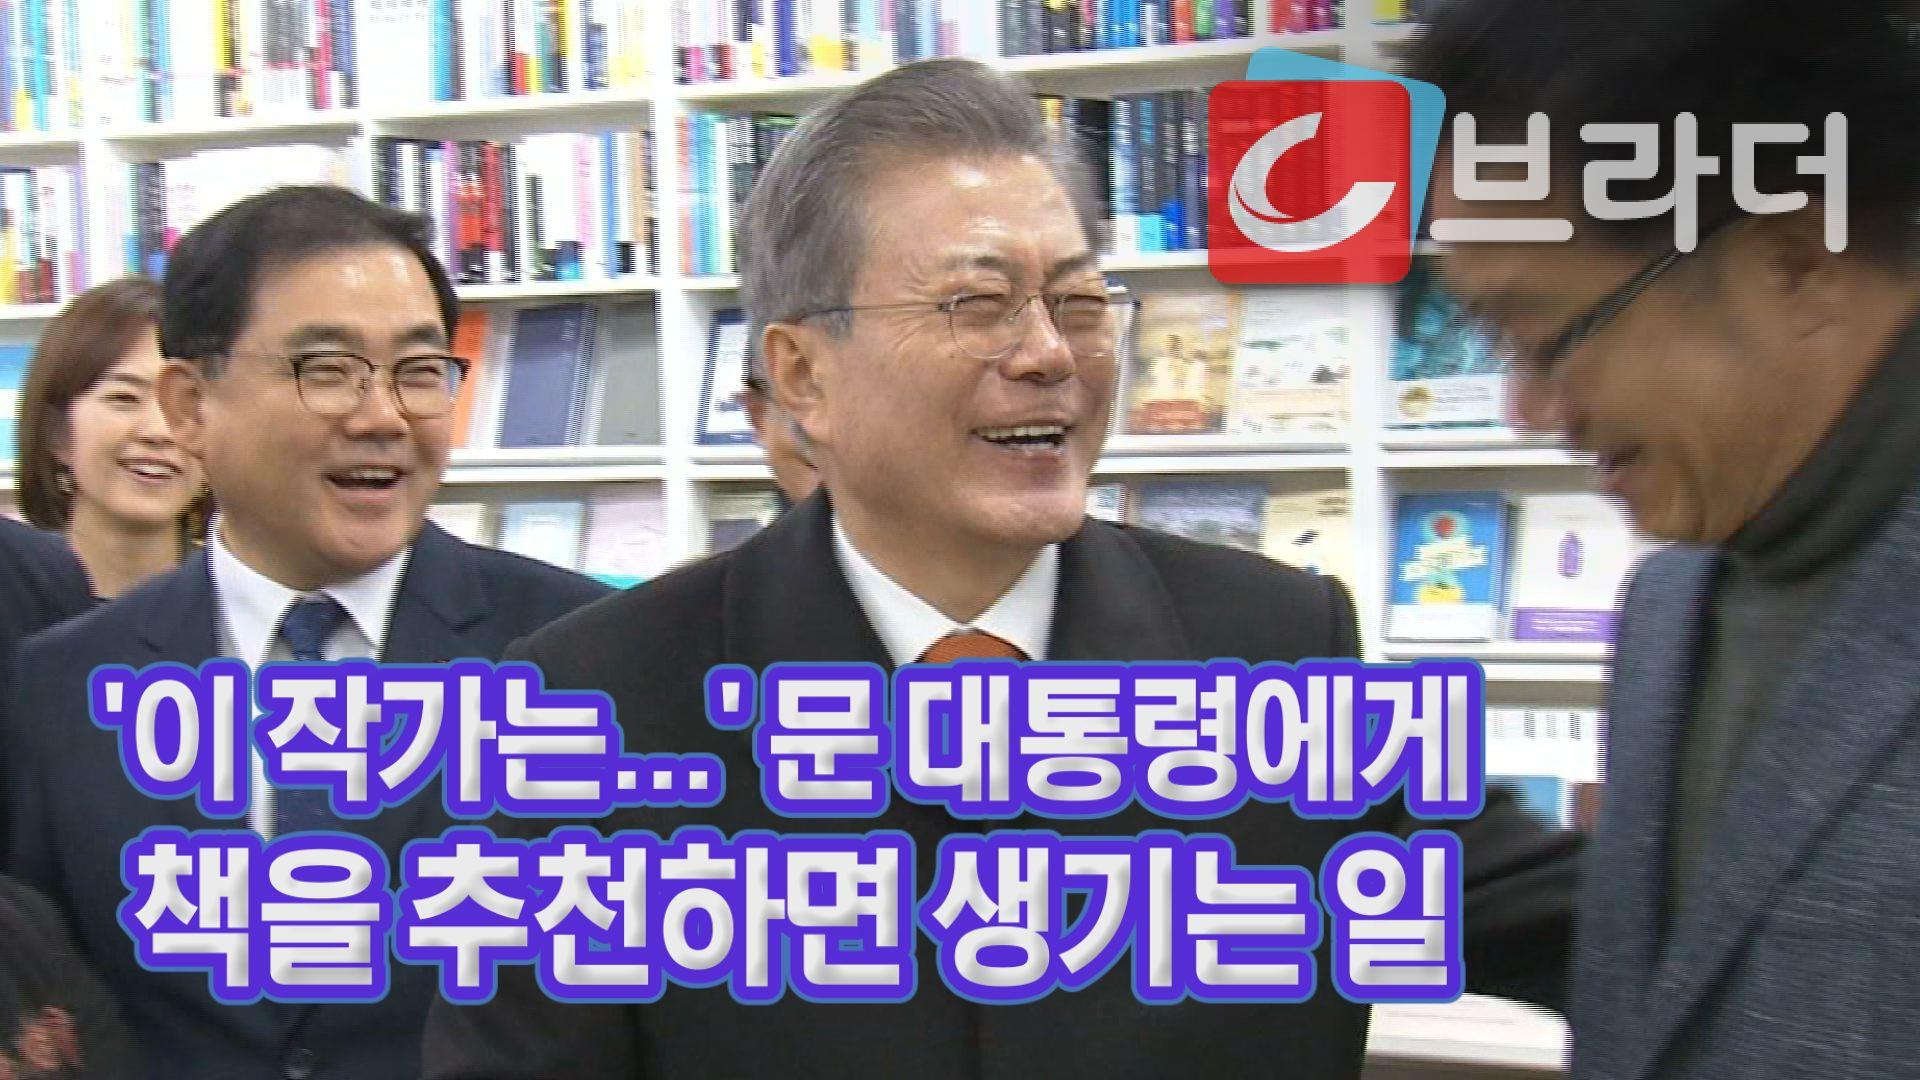 '독서왕'문재인대통령에게책을추천하면생기는일,마산서점'학문당'방문[..